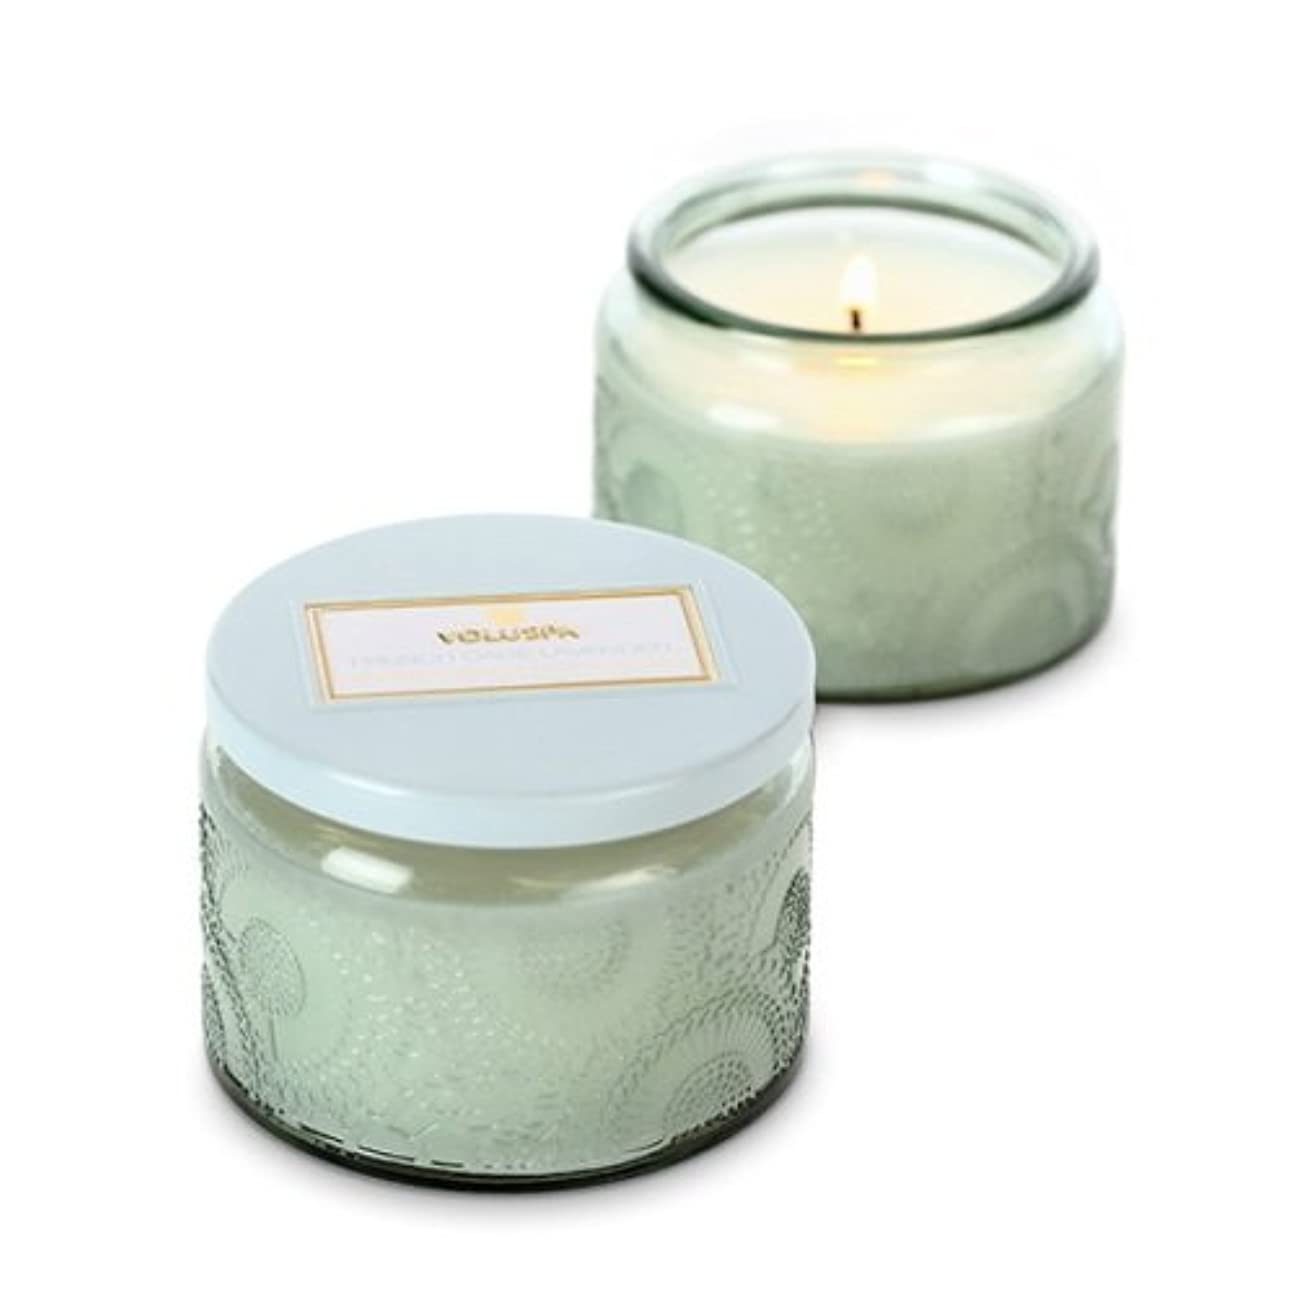 意気込み戸棚突然Voluspa ボルスパ ジャポニカ グラスジャーキャンドル S フレンチケード&ラベンダー JAPONICA Glass jar candle FRENCH CADE LAVENDER